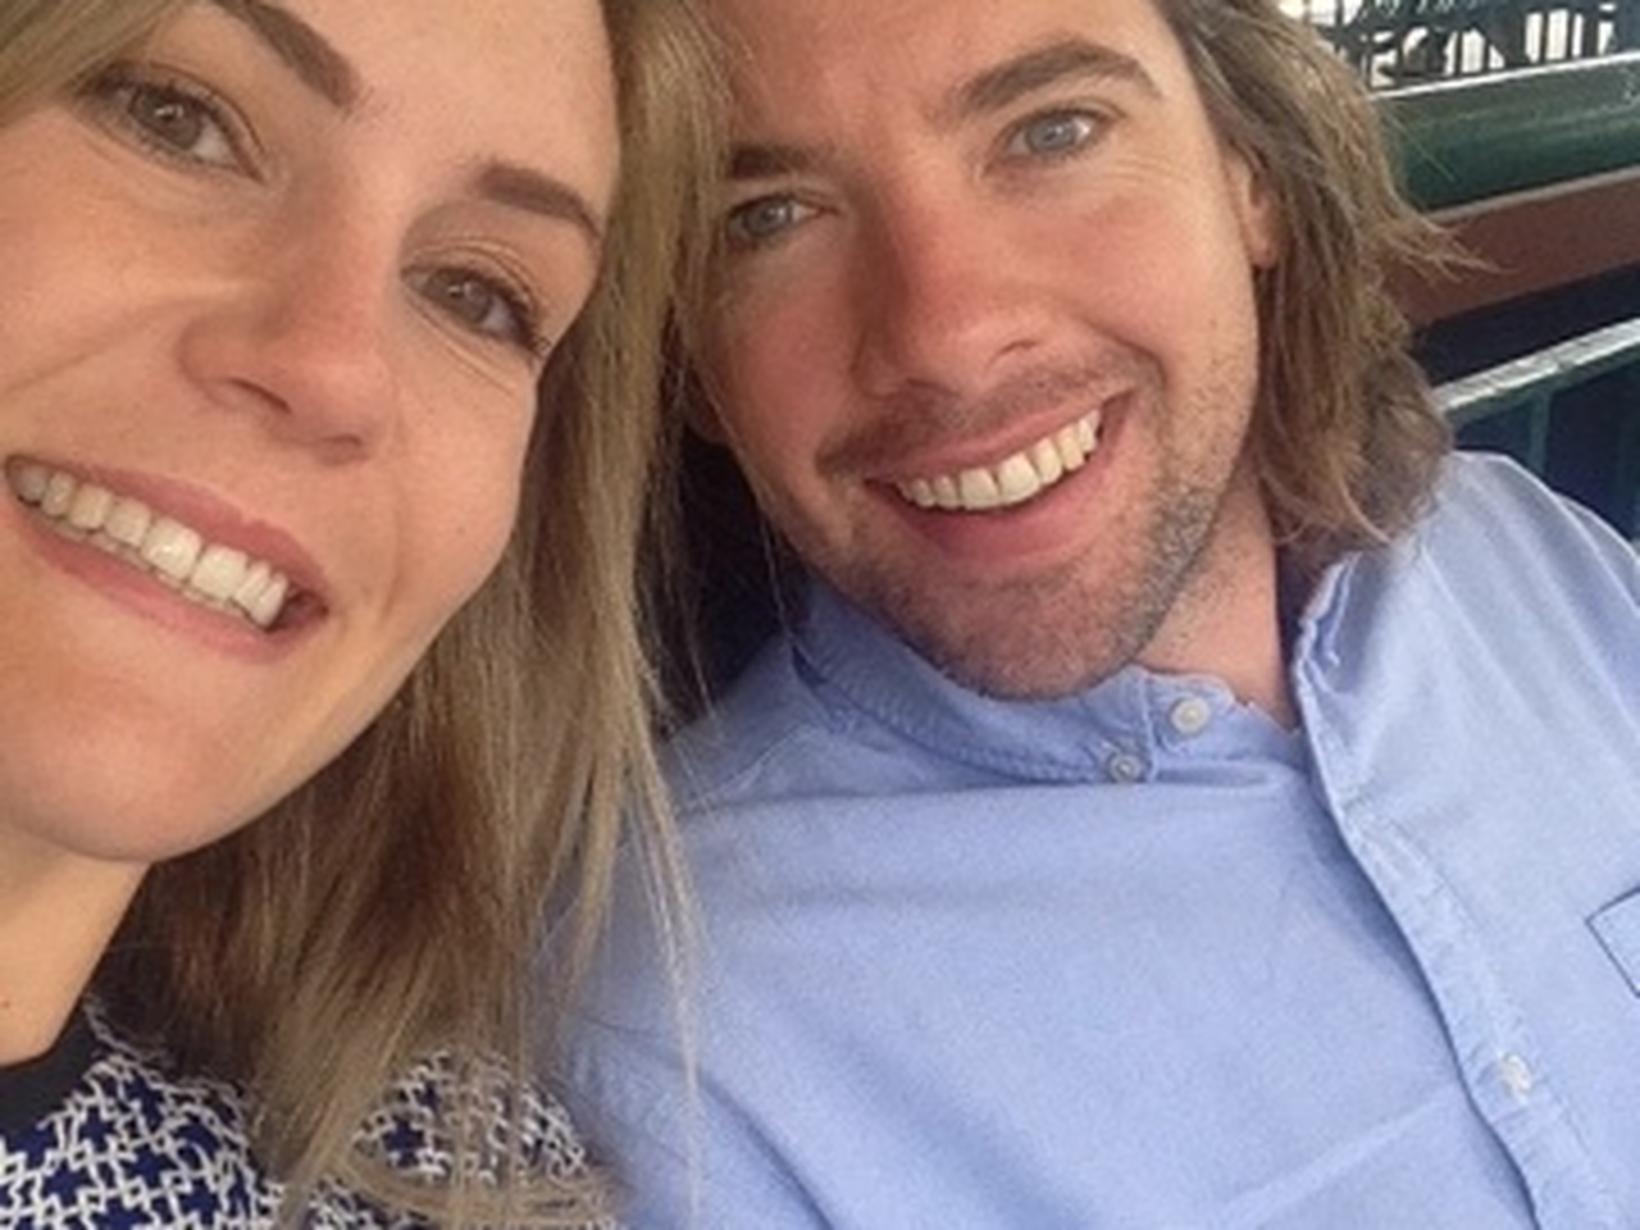 Jenna & Michael from Melbourne, Victoria, Australia